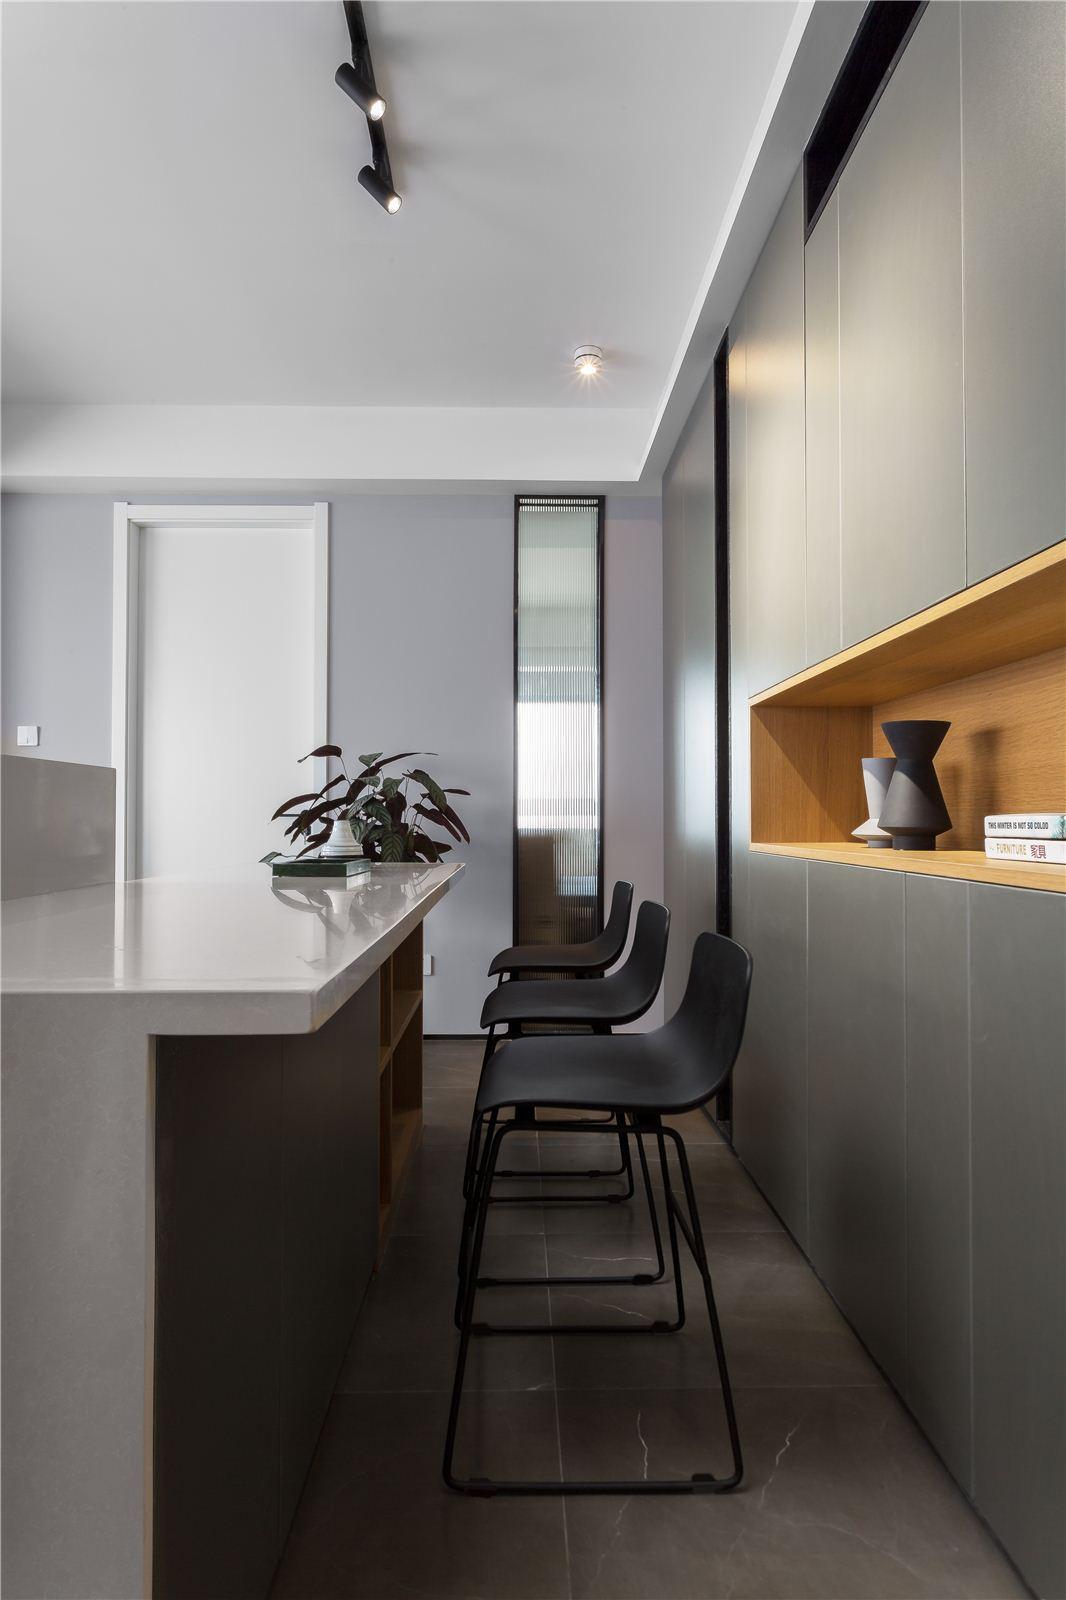 90㎡现代简约两居吧台装修效果图